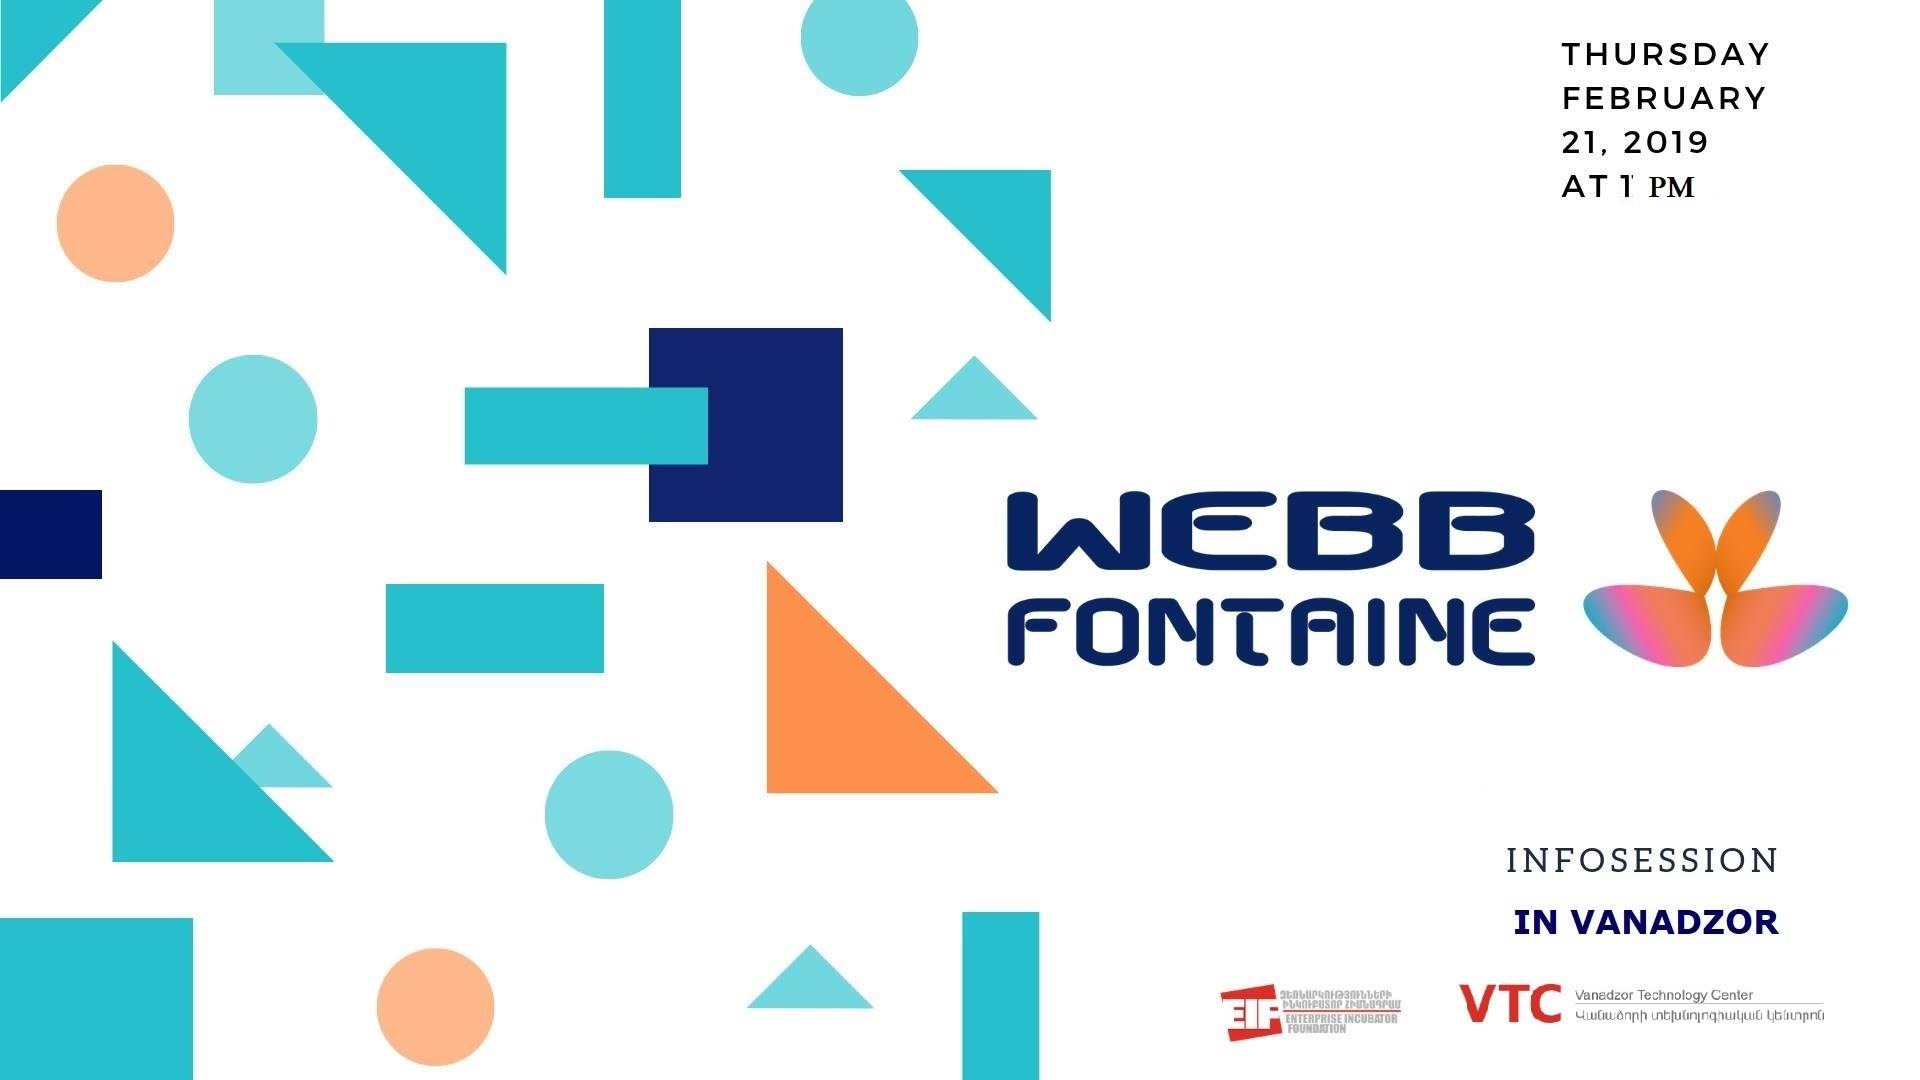 Տեղեկատվական հանդիպում՝ Վանաձորի Տեխնոլոգիական Կենտրոնում. Webb Fontaine